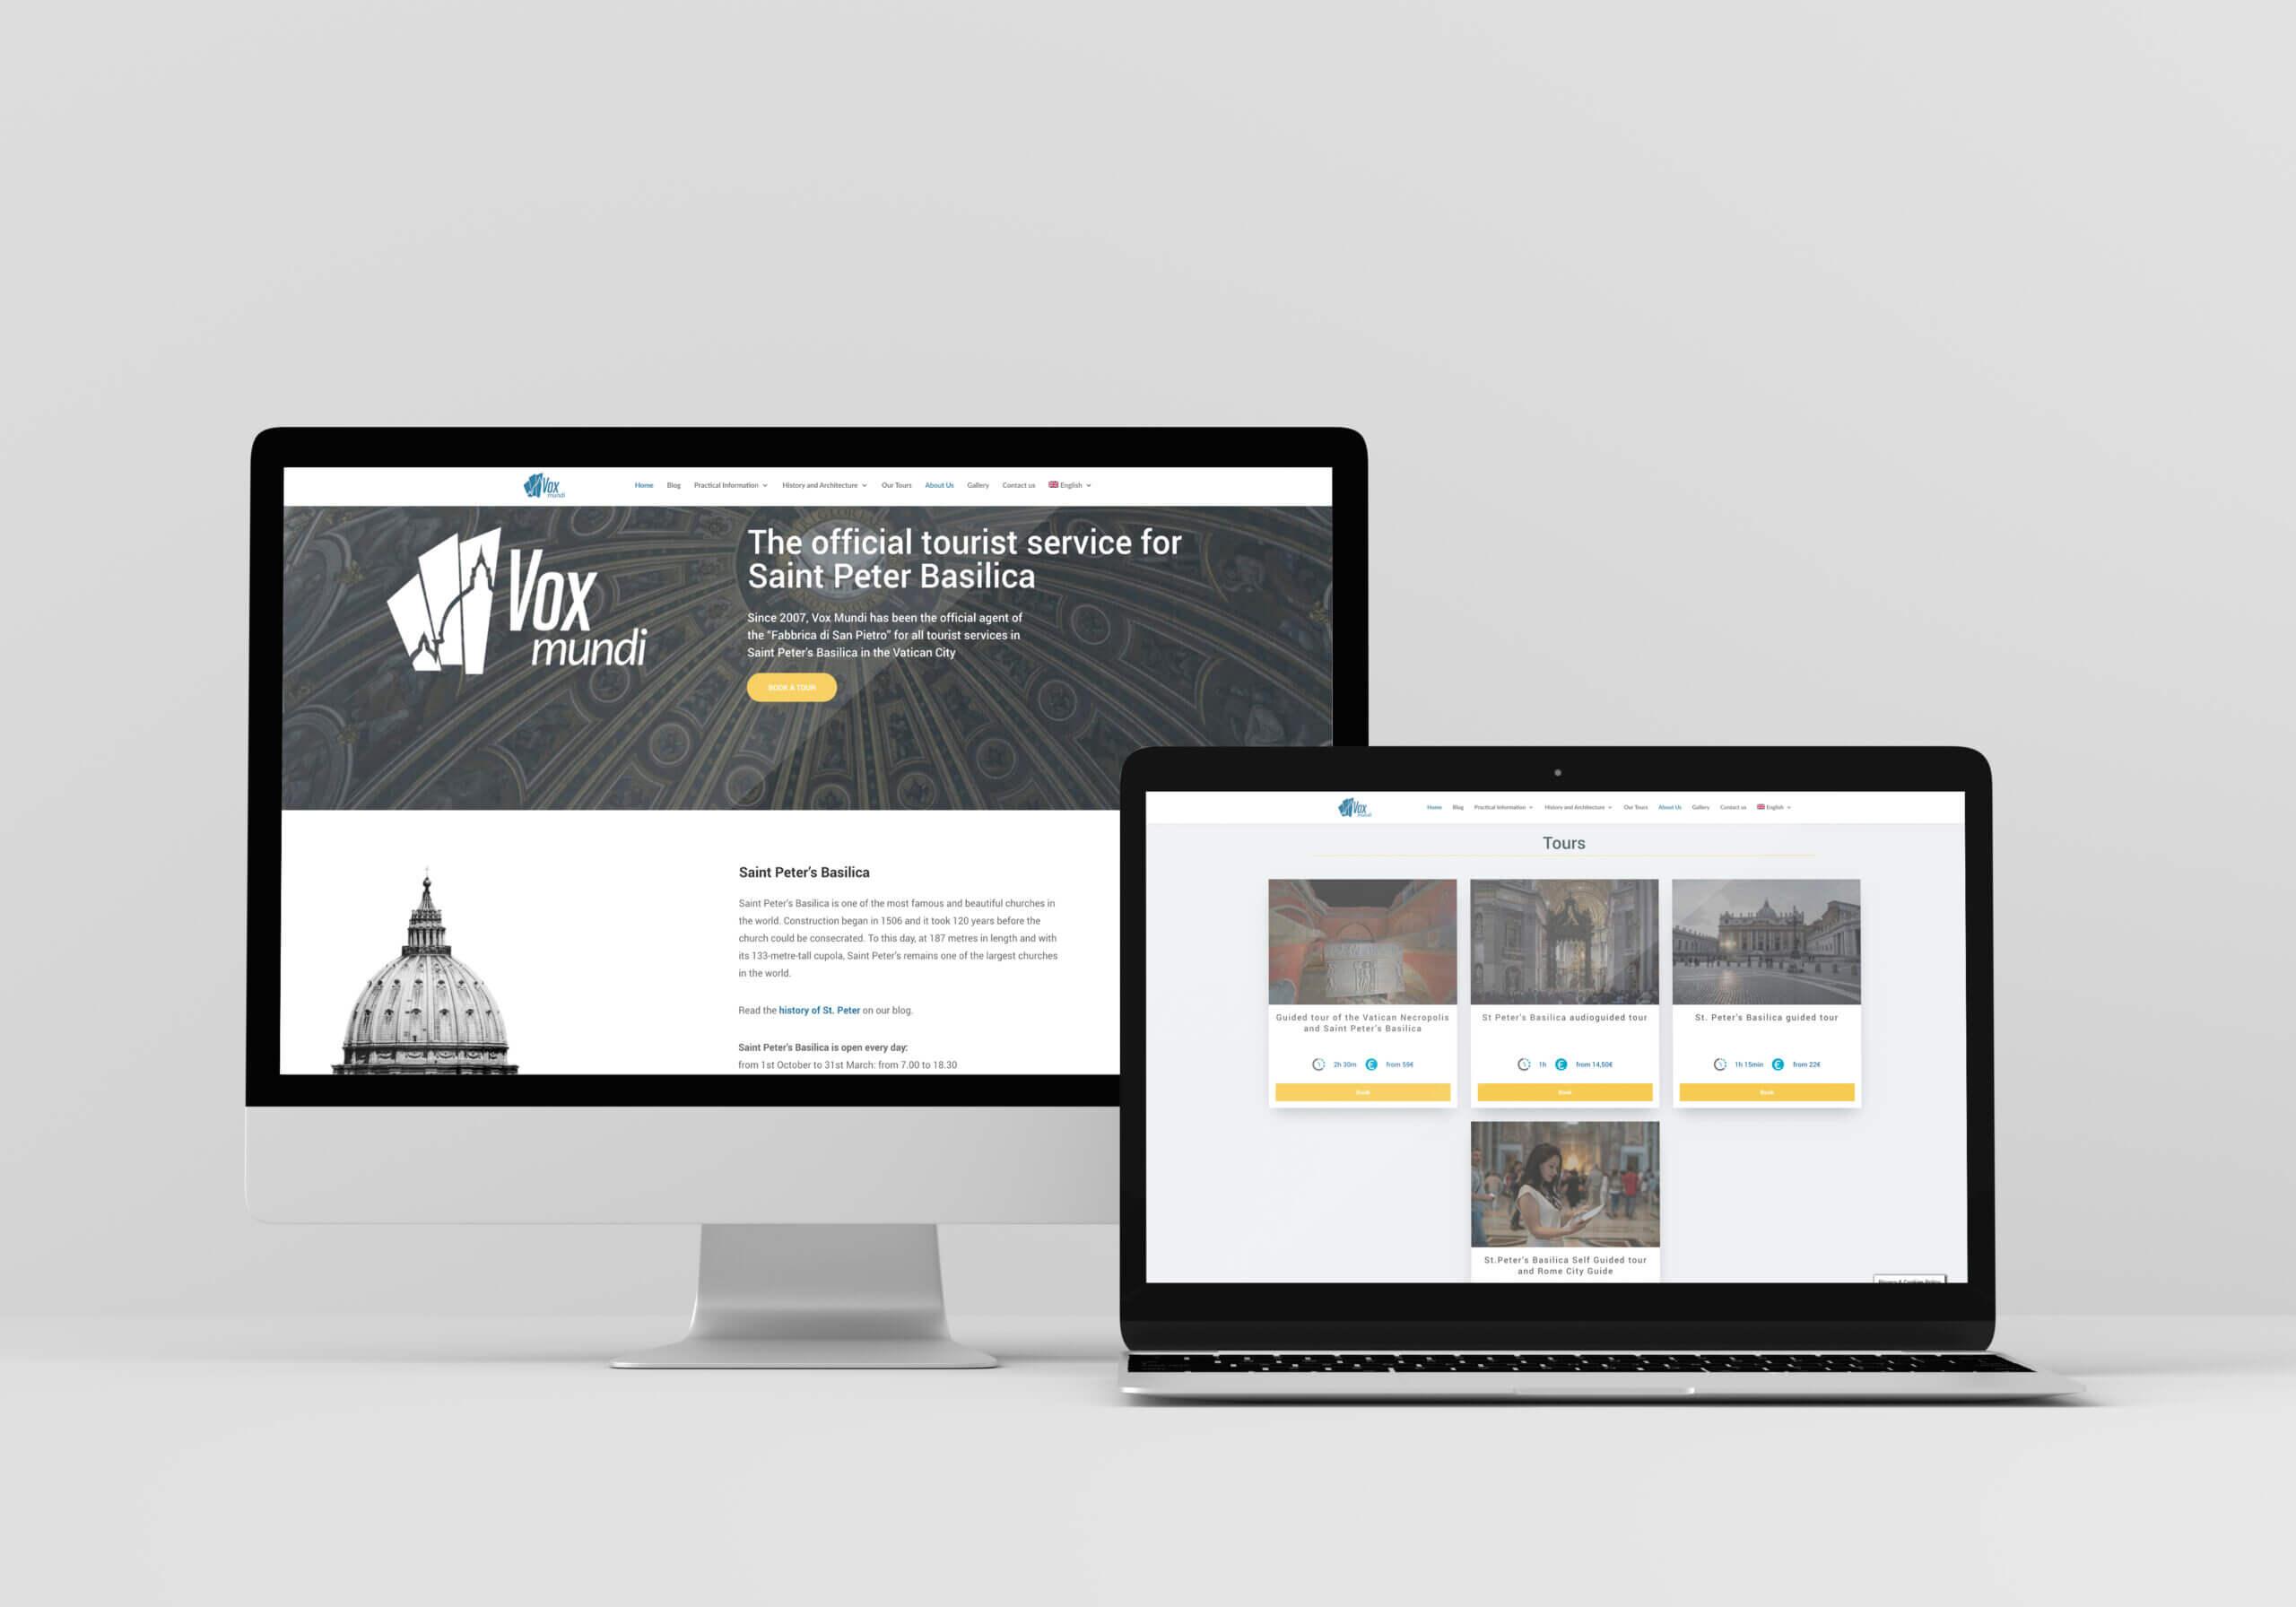 Sito web di voxmundi.eu